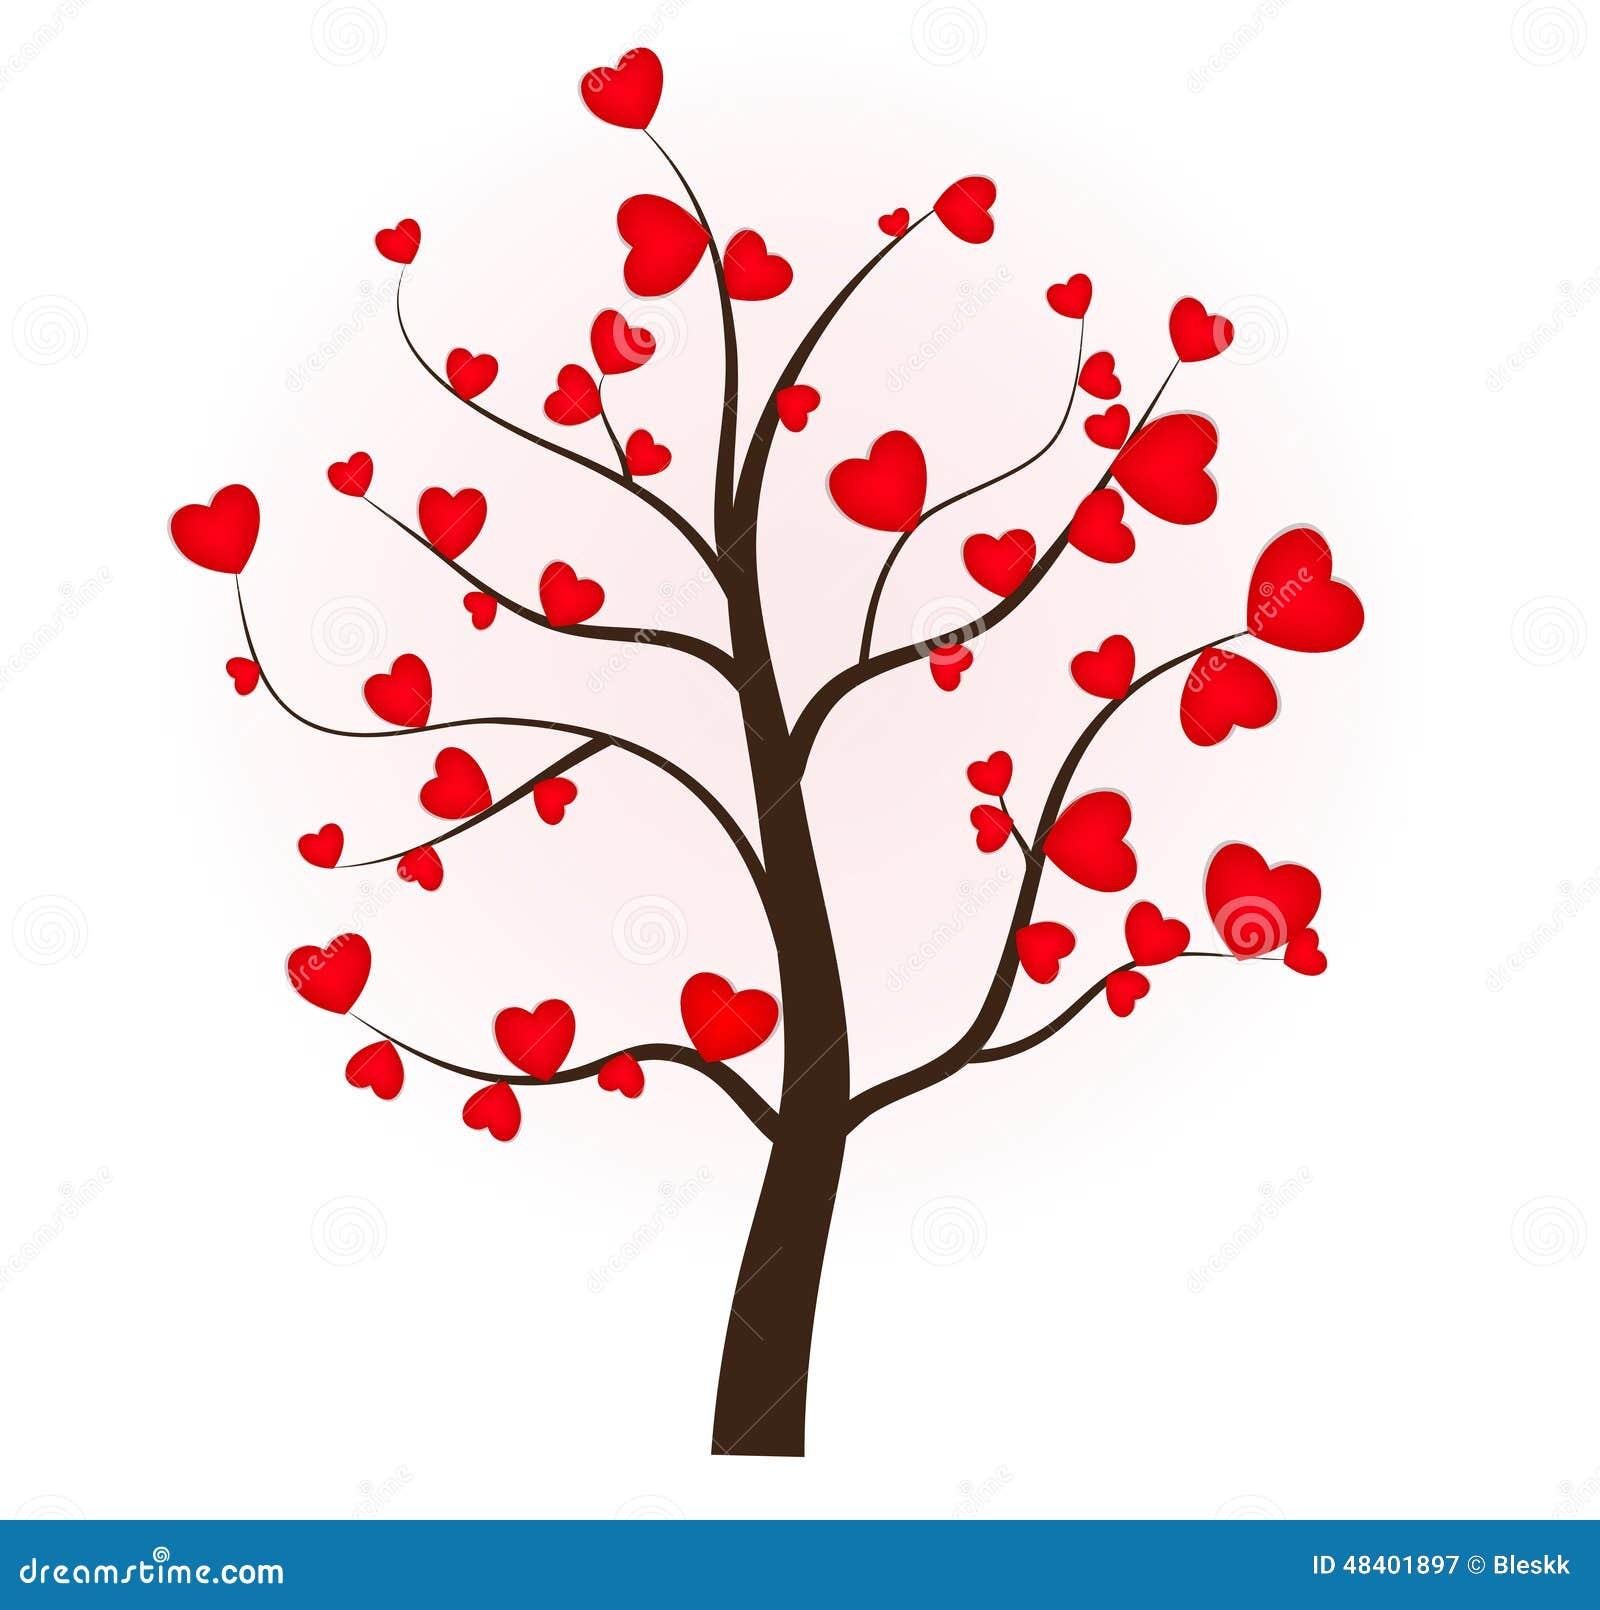 baum liebe inneres rote rose hochzeit geliebte baum der liebe arbeitskr fte der transneft firma. Black Bedroom Furniture Sets. Home Design Ideas